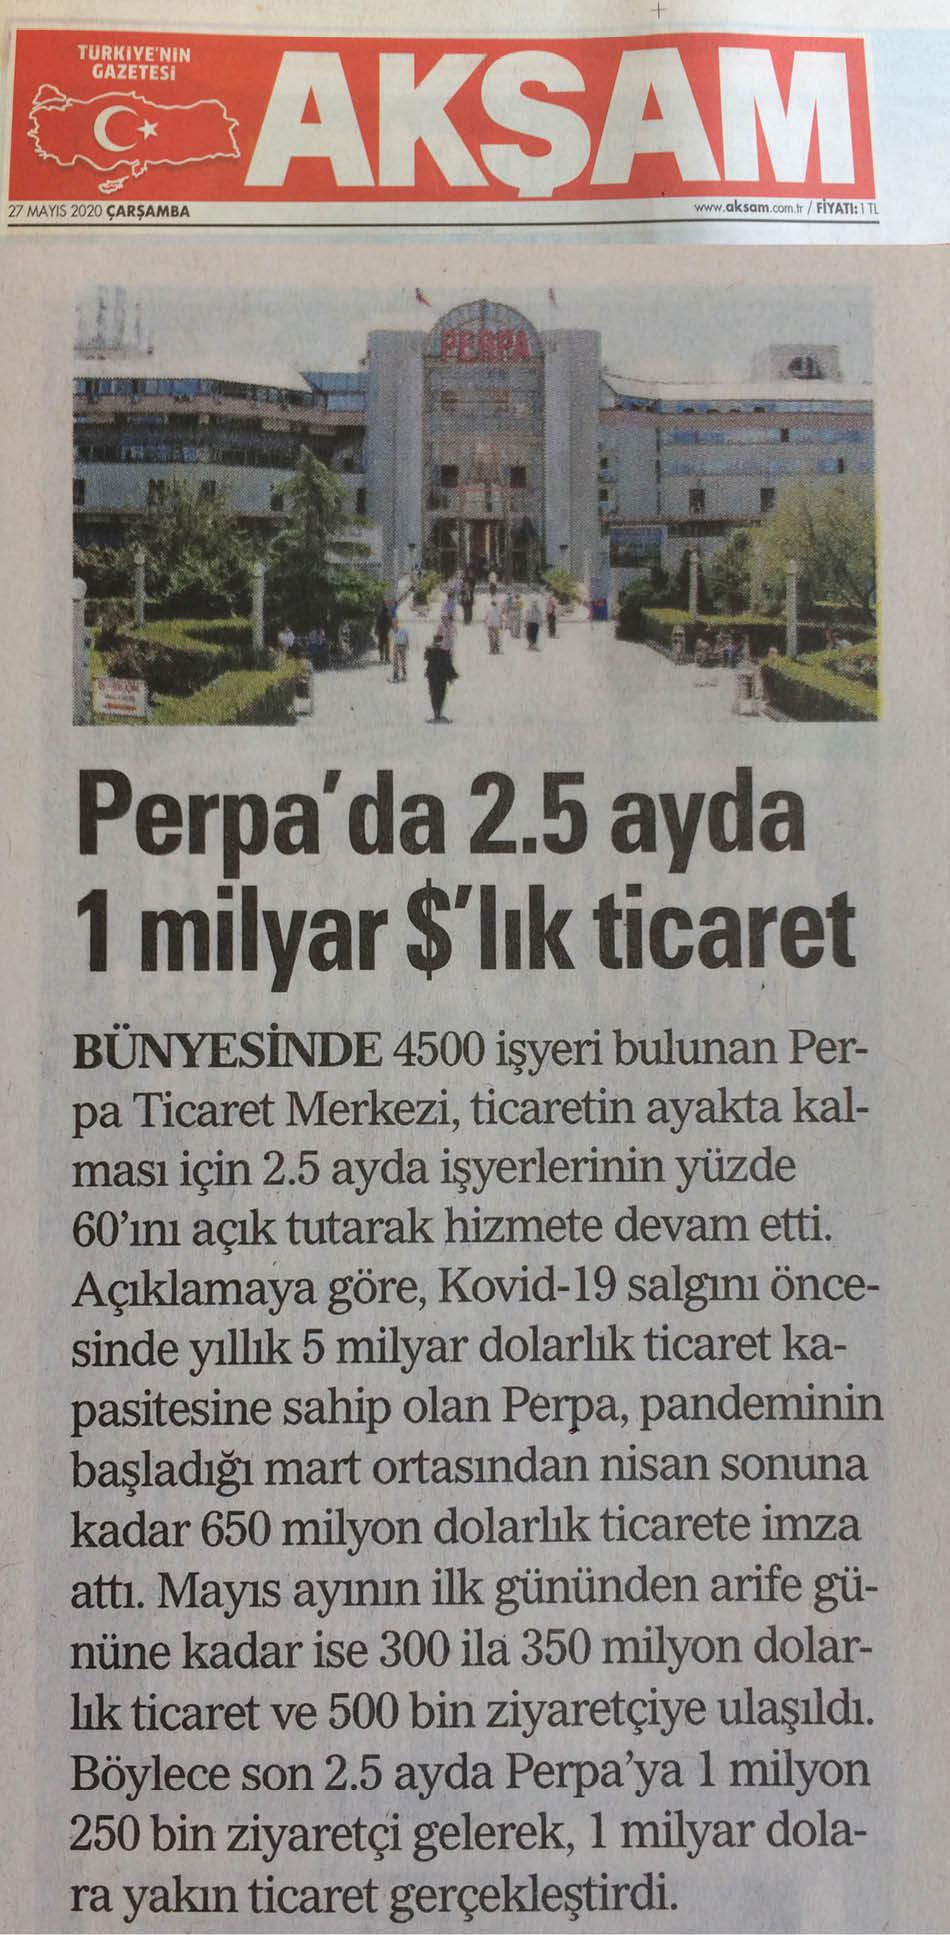 Akşam Gazetesi Perpa